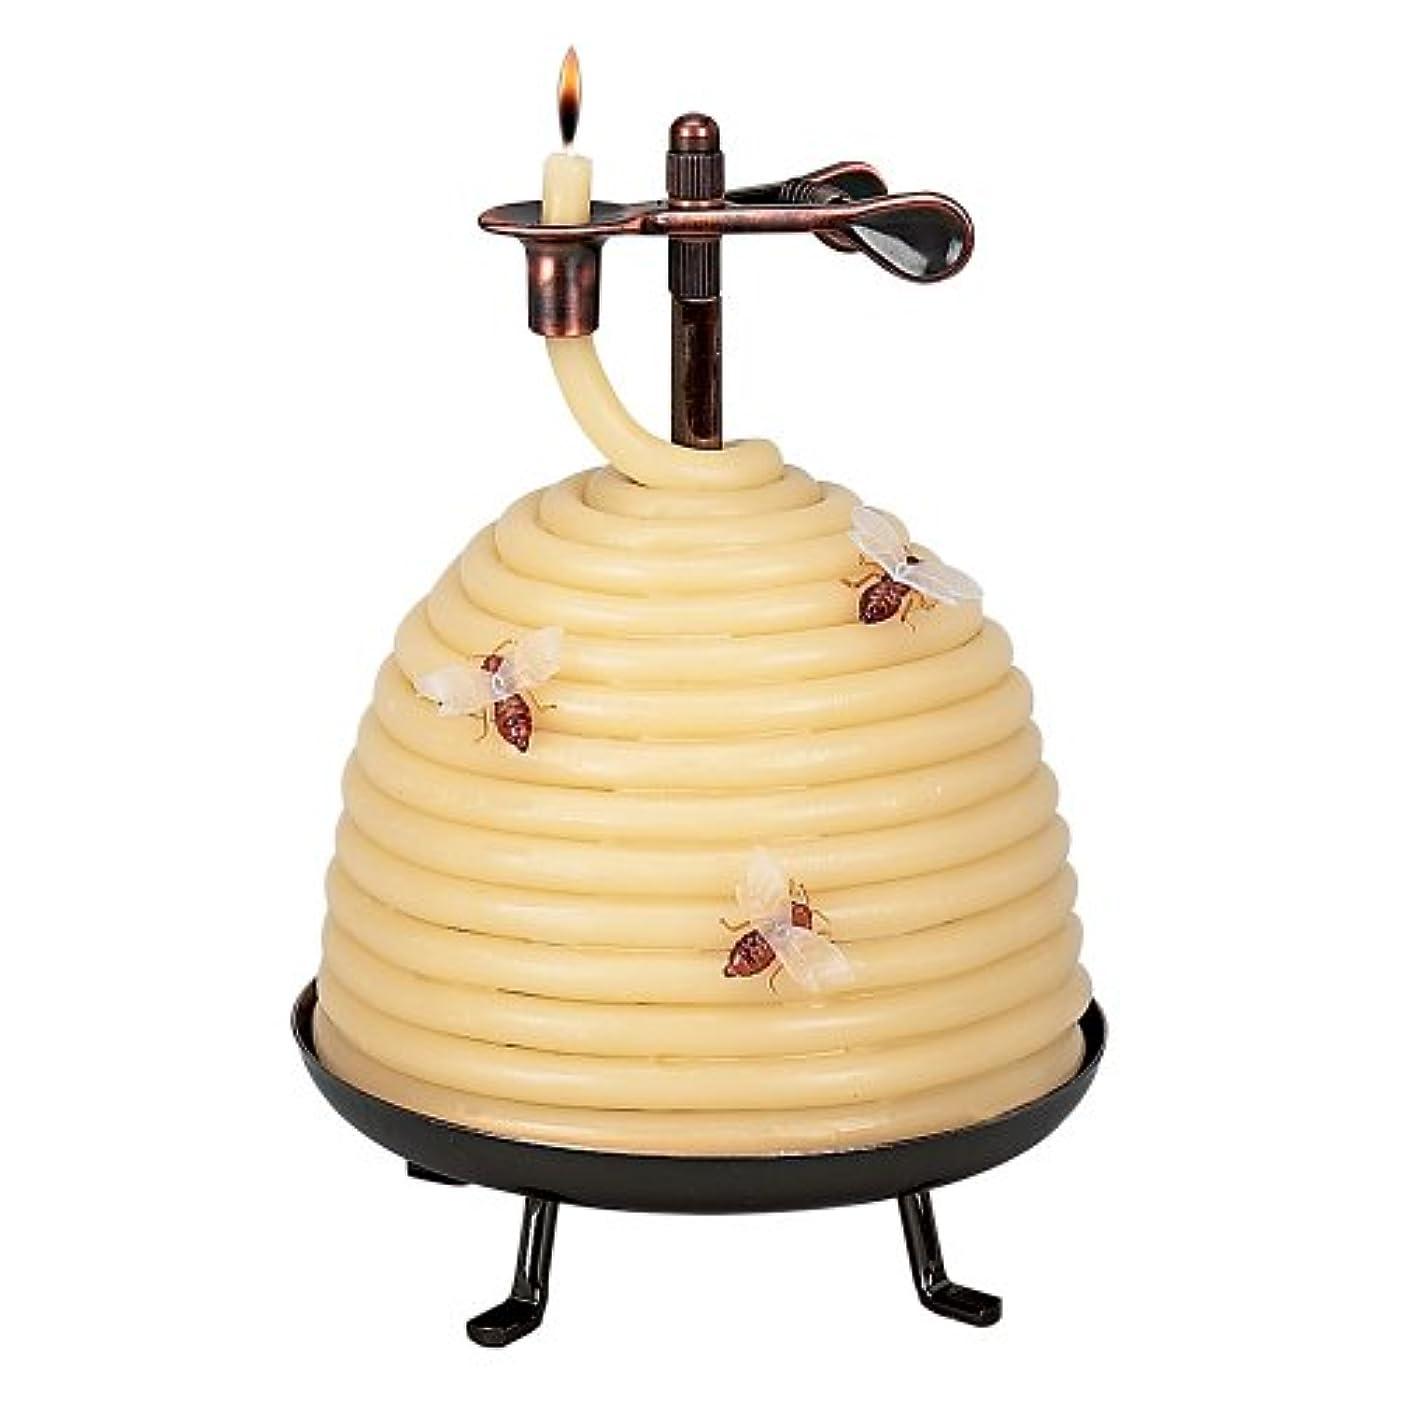 ペナルティブロー釈義Candle By The Hour 20641B 70 Hour Beehive Coil Candle